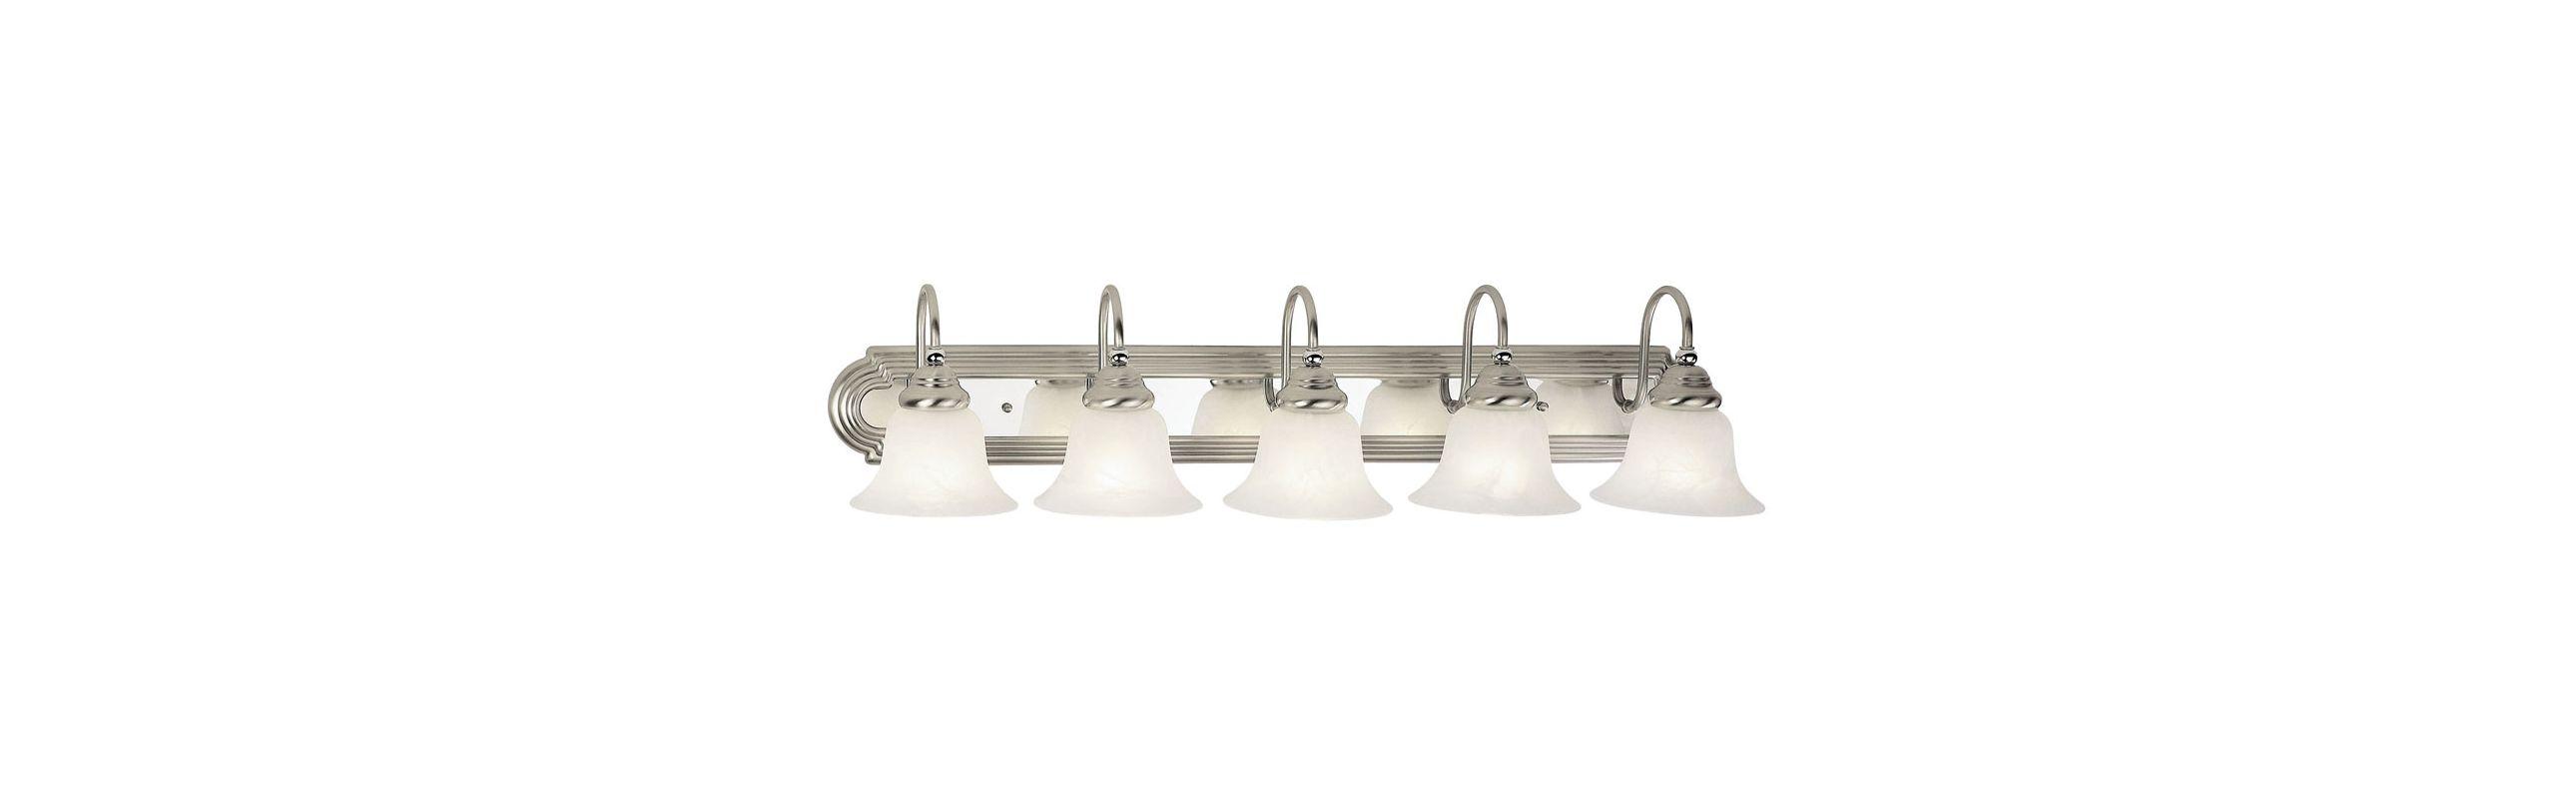 Livex Lighting 1005 Belmont 5 Light Vanity Light Brushed Nickel/Chrome